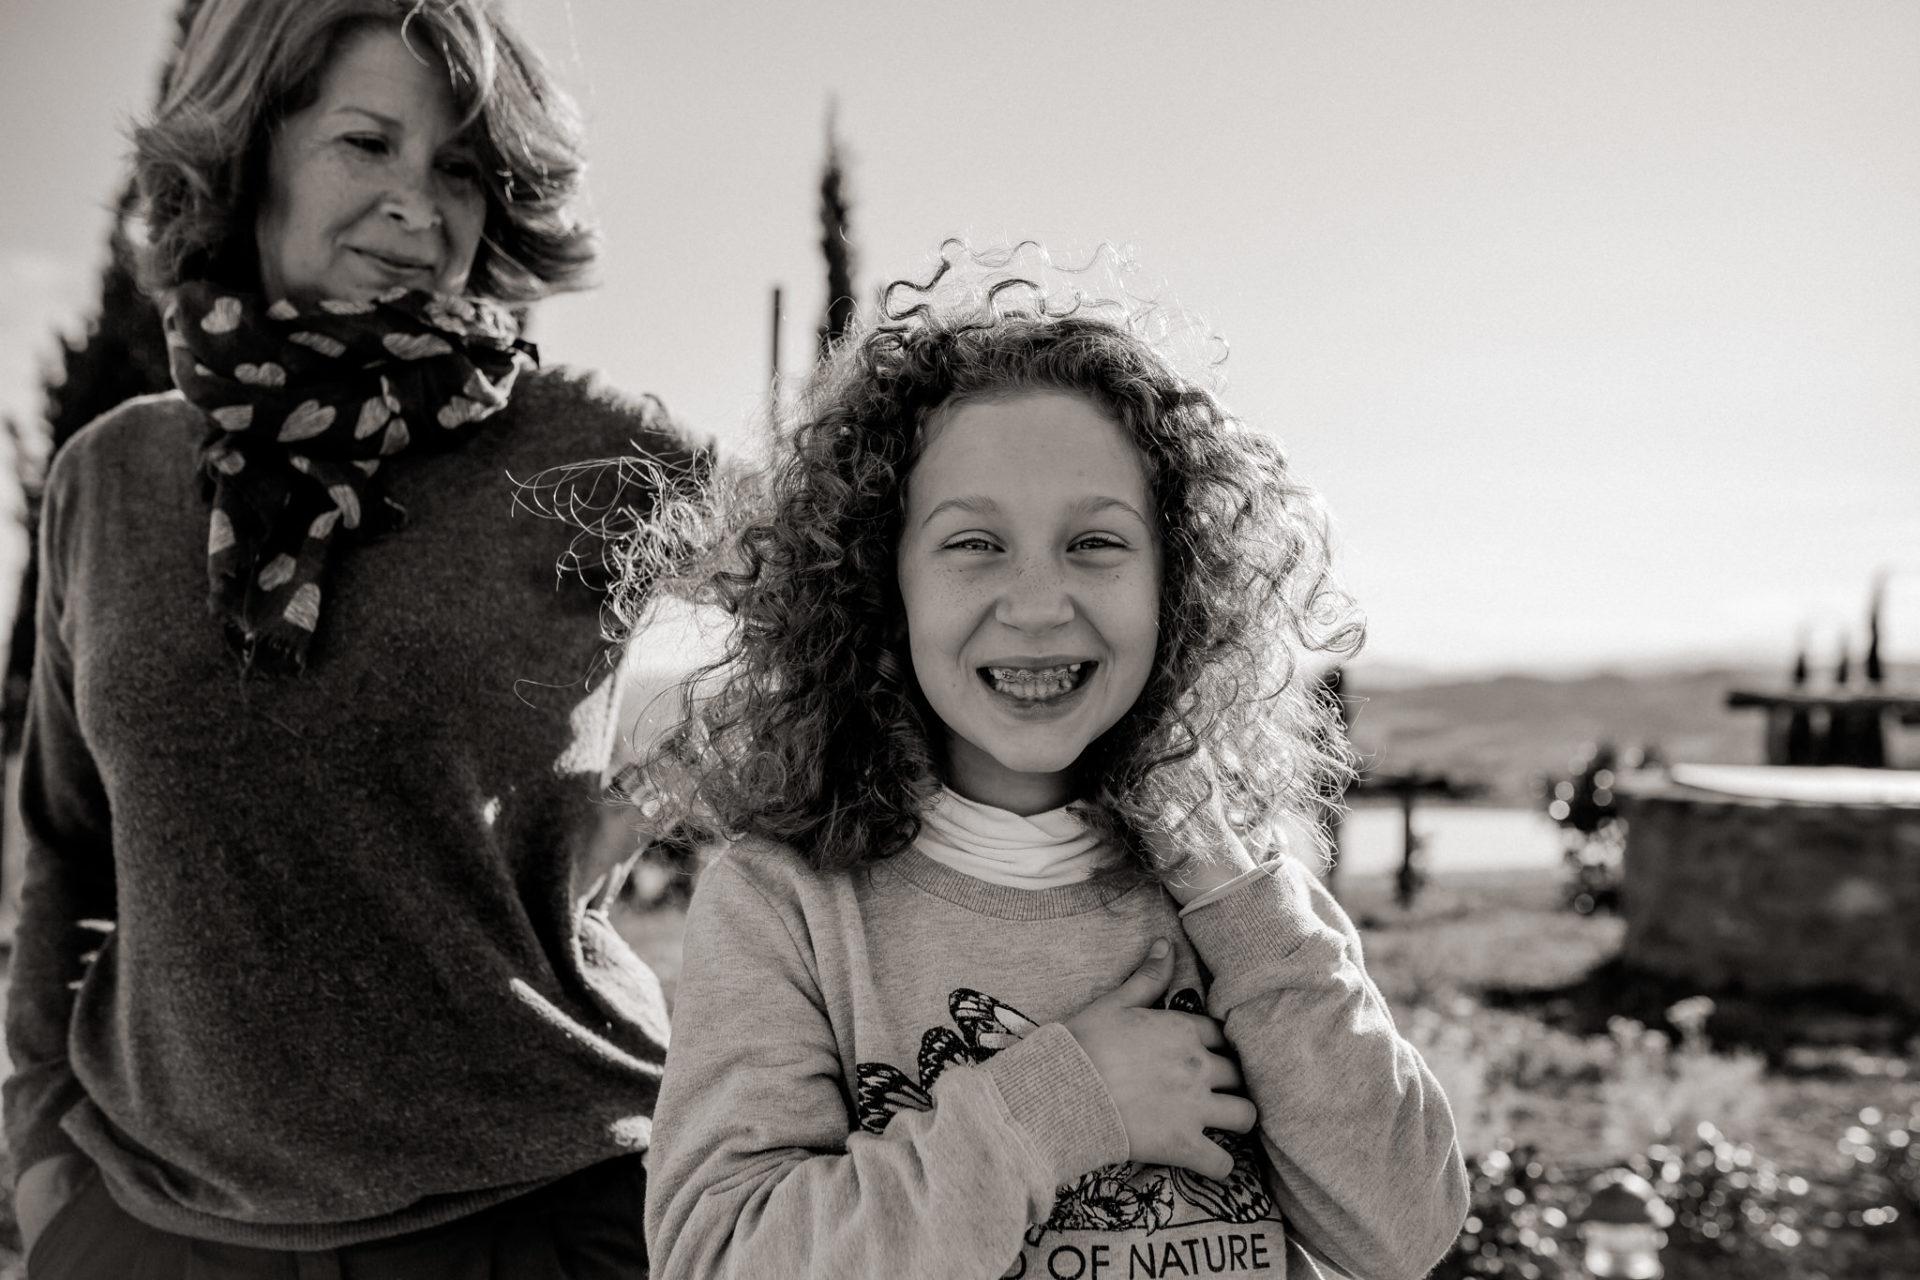 Family Fusion Italien-italienischer Spirit-Dimora Santa Margherita-Ungestellte Familienbilder-familienfotograf Stuttgart-Mutterliebe